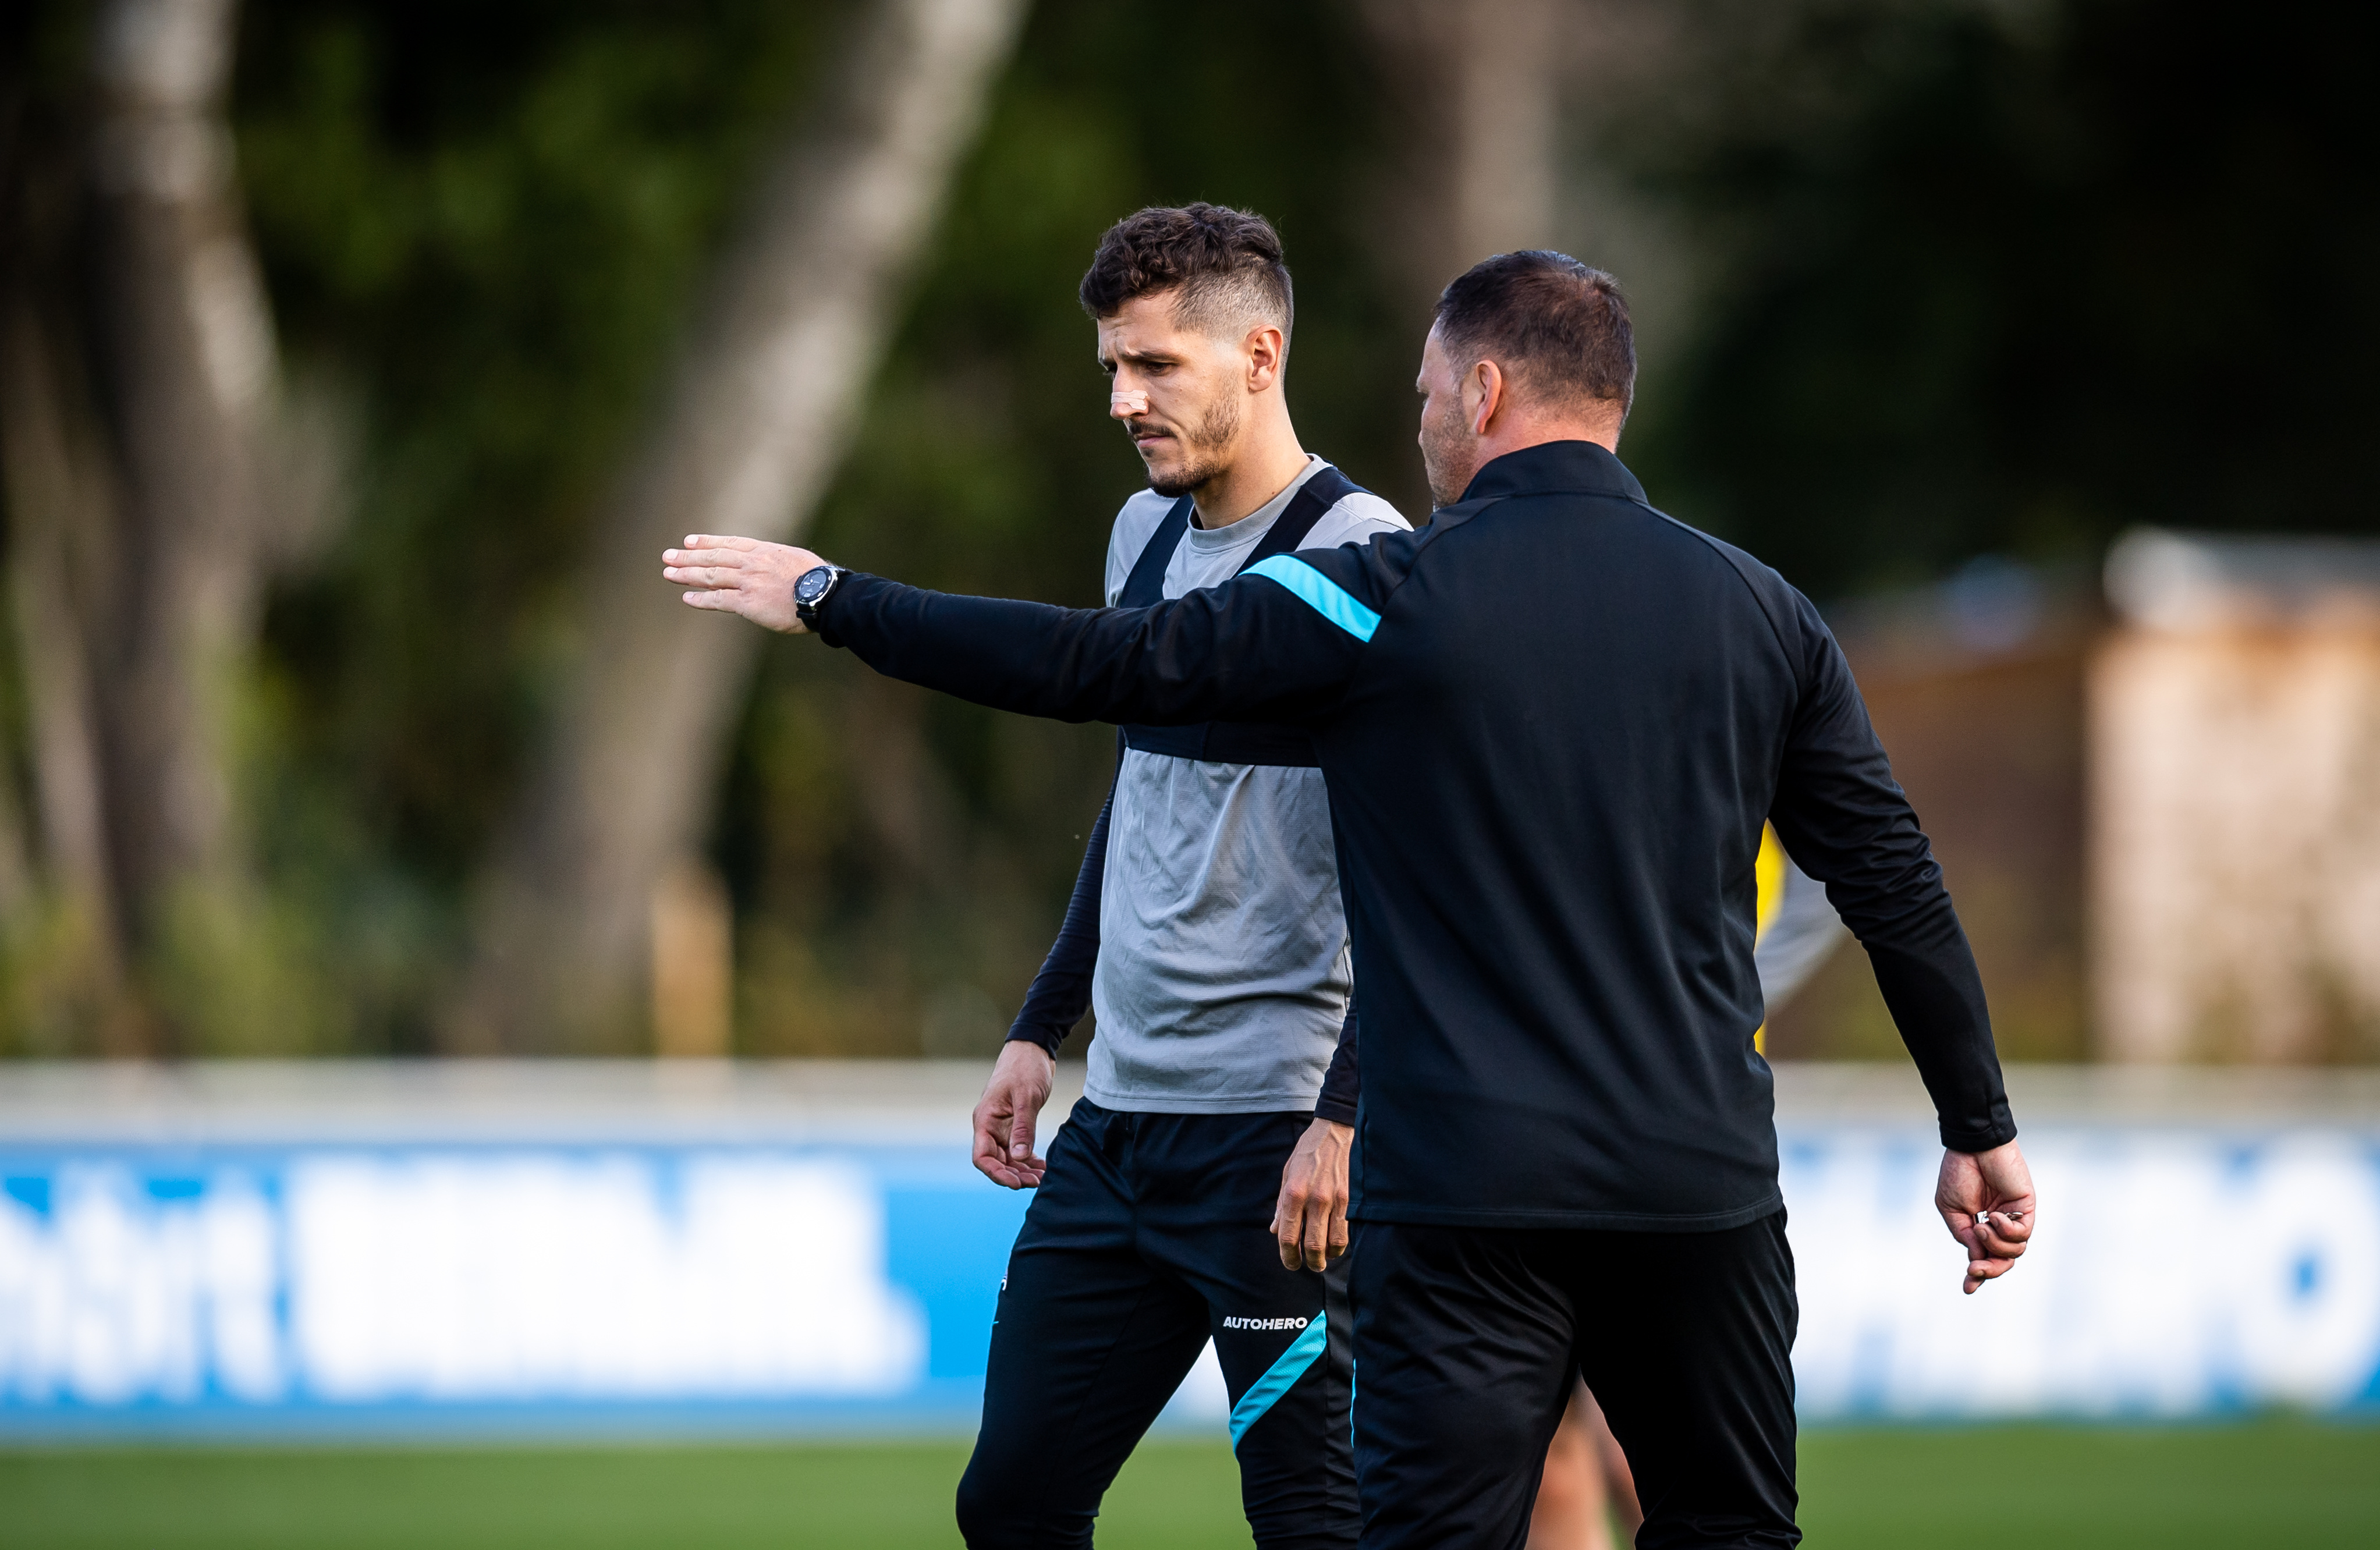 Pál Dárdai le da instrucciones a Stevan Jovetić durante el entrenamiento.